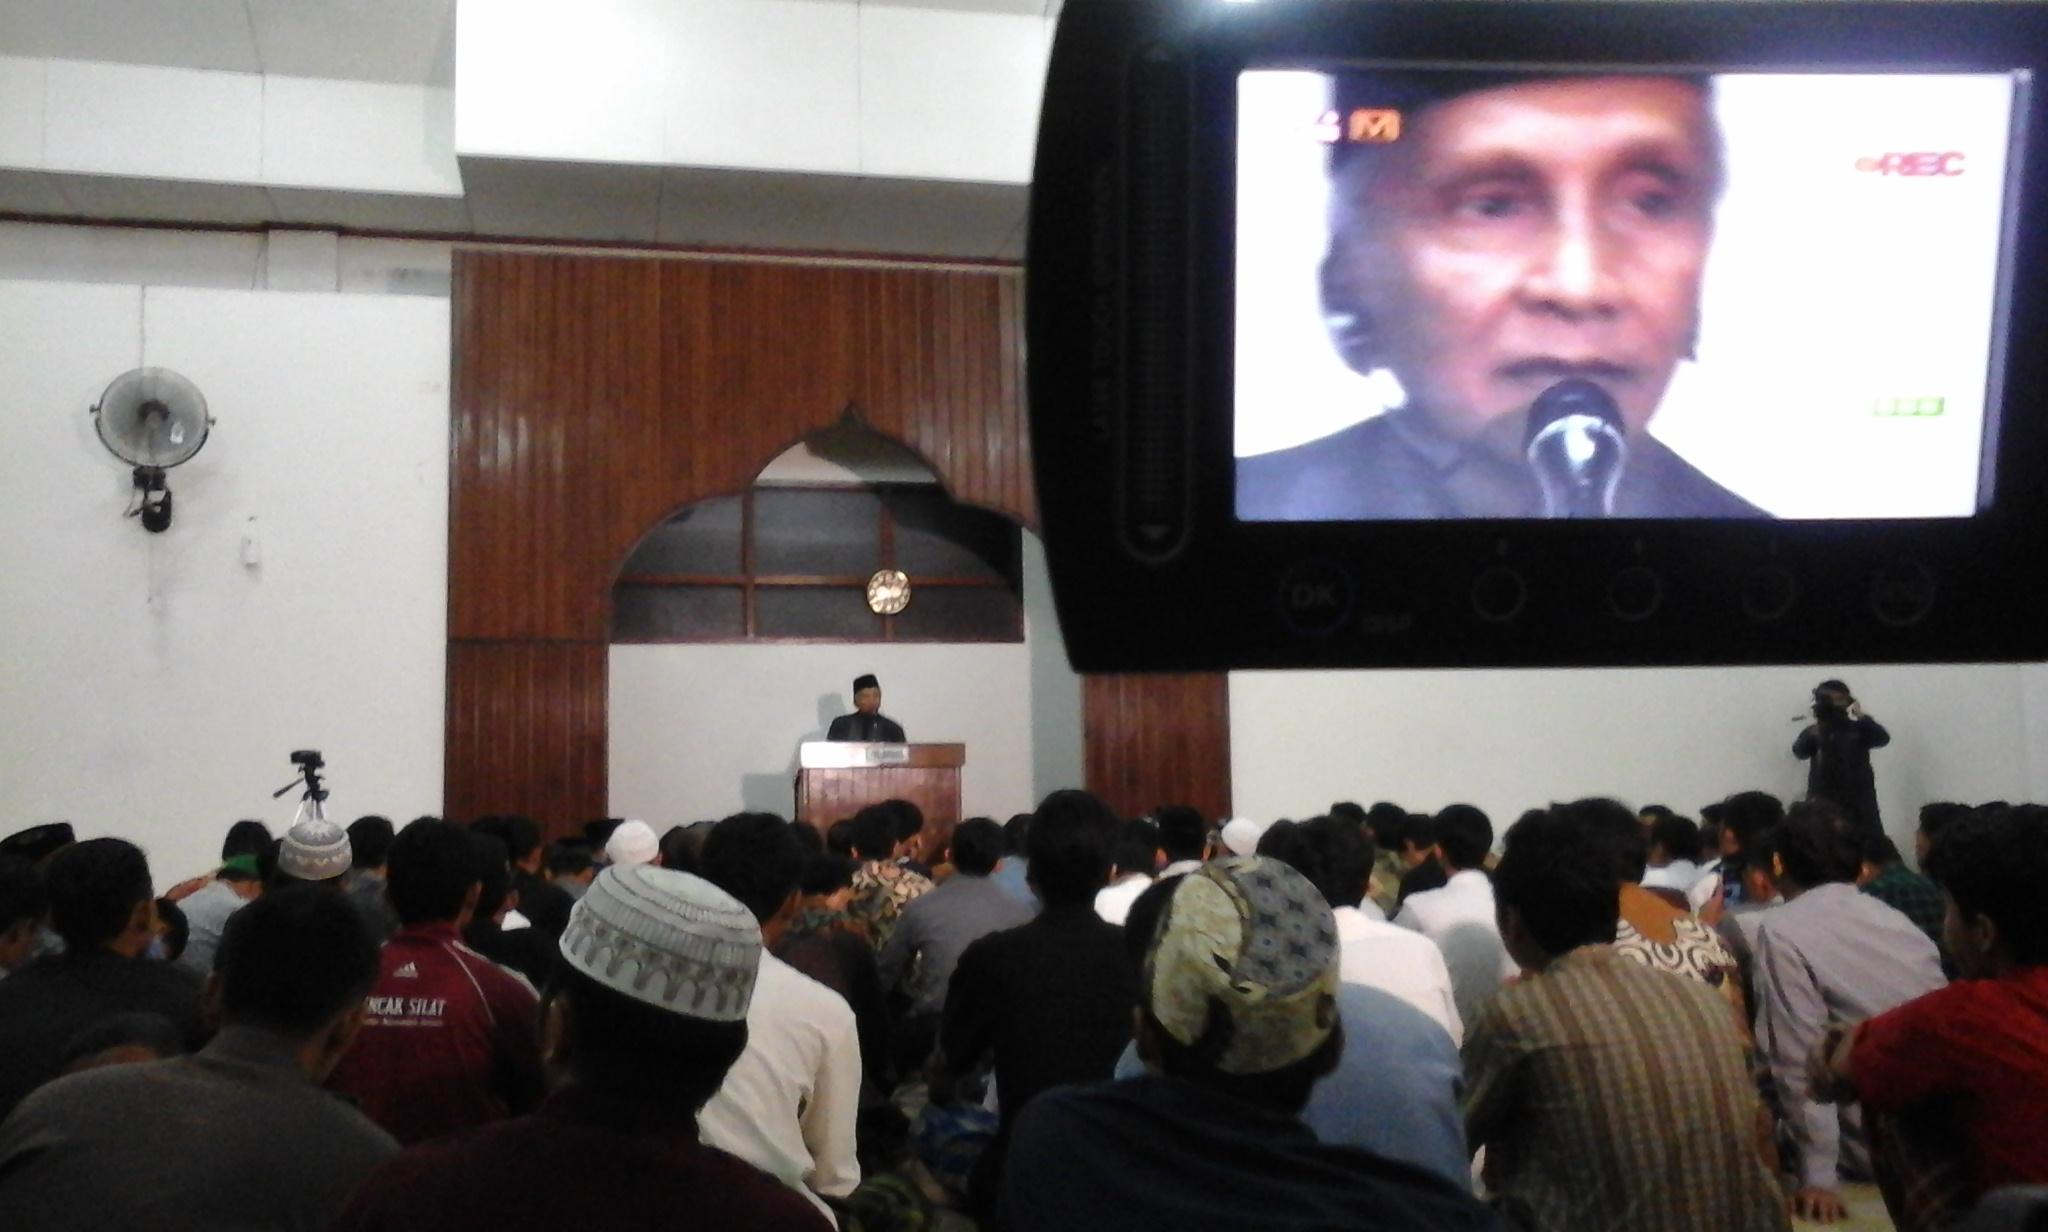 Peringatkan Jokowi, Amien Rais: Jangan Memberi Angin Kebangkitan PKI